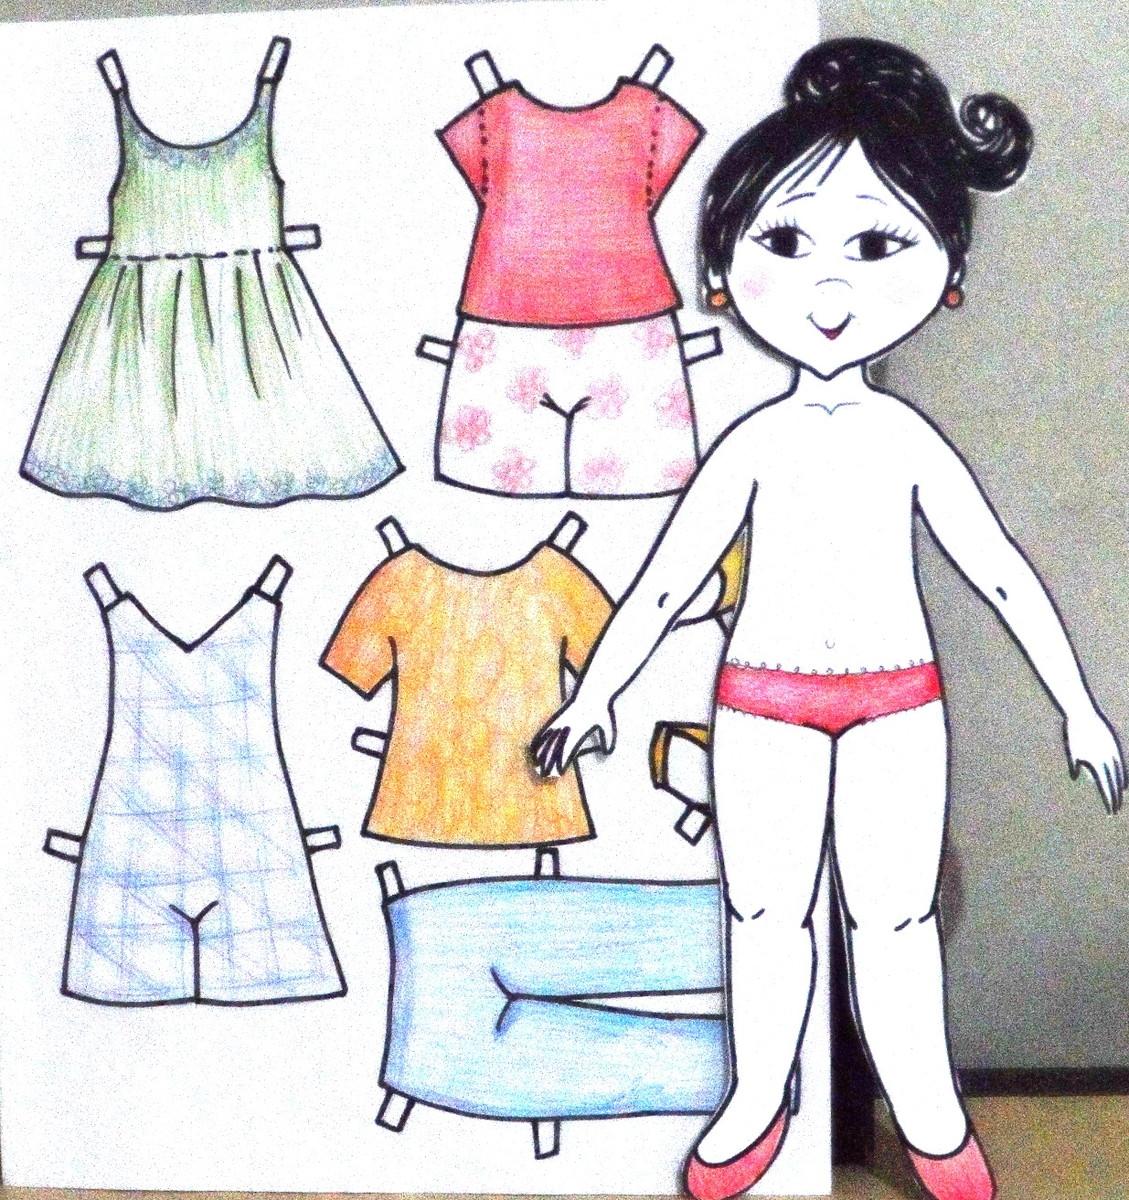 Marberan 4be769 Artes No Papel De Personalizada Boneca Elo7 0wt7UXWq